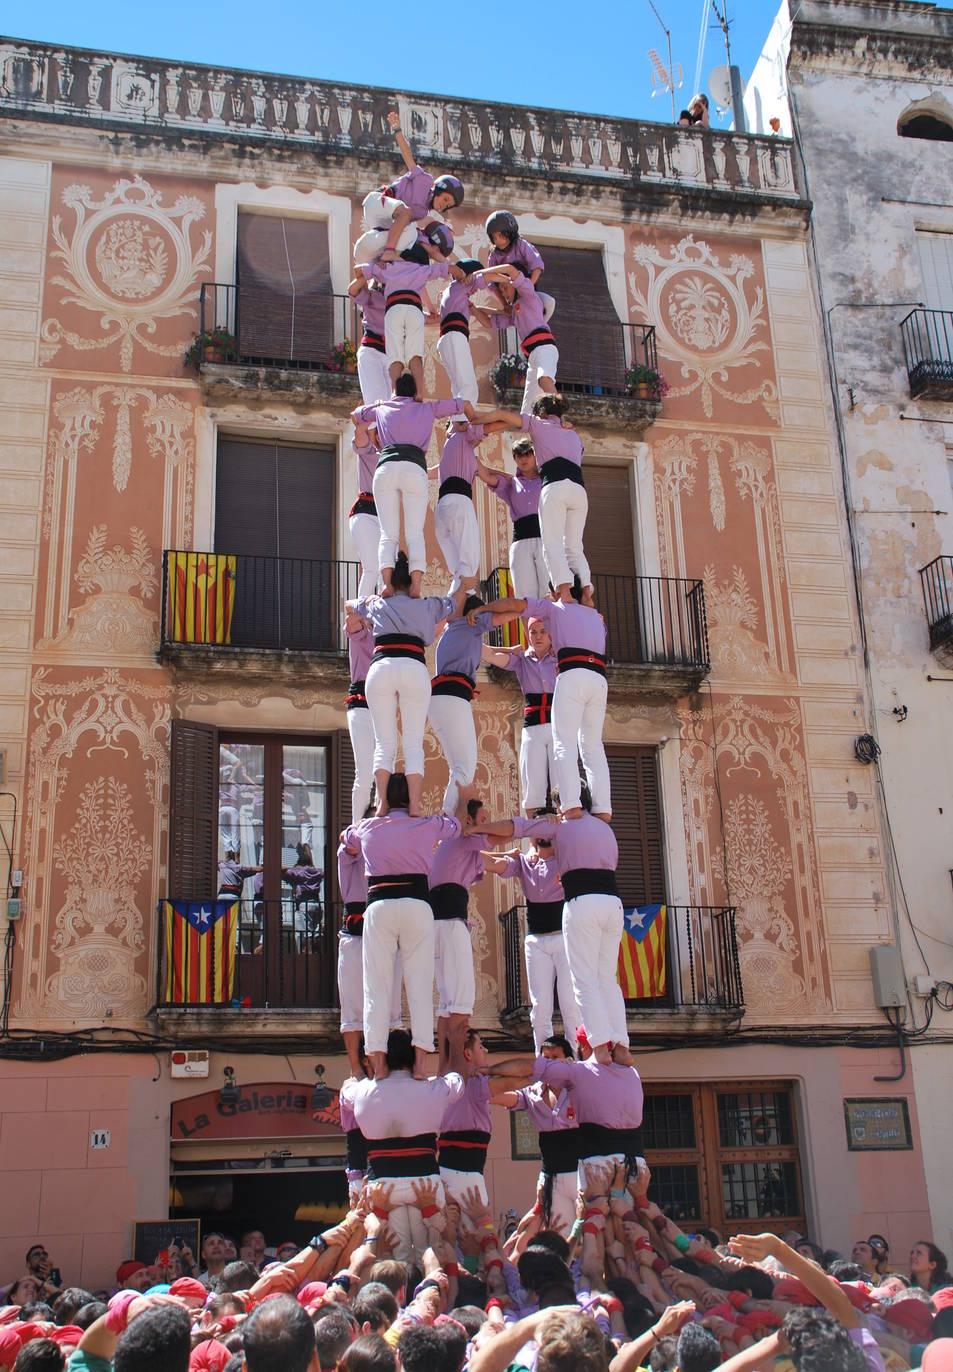 5de8 de la Colla Jove de Tarragona a Vilanova.